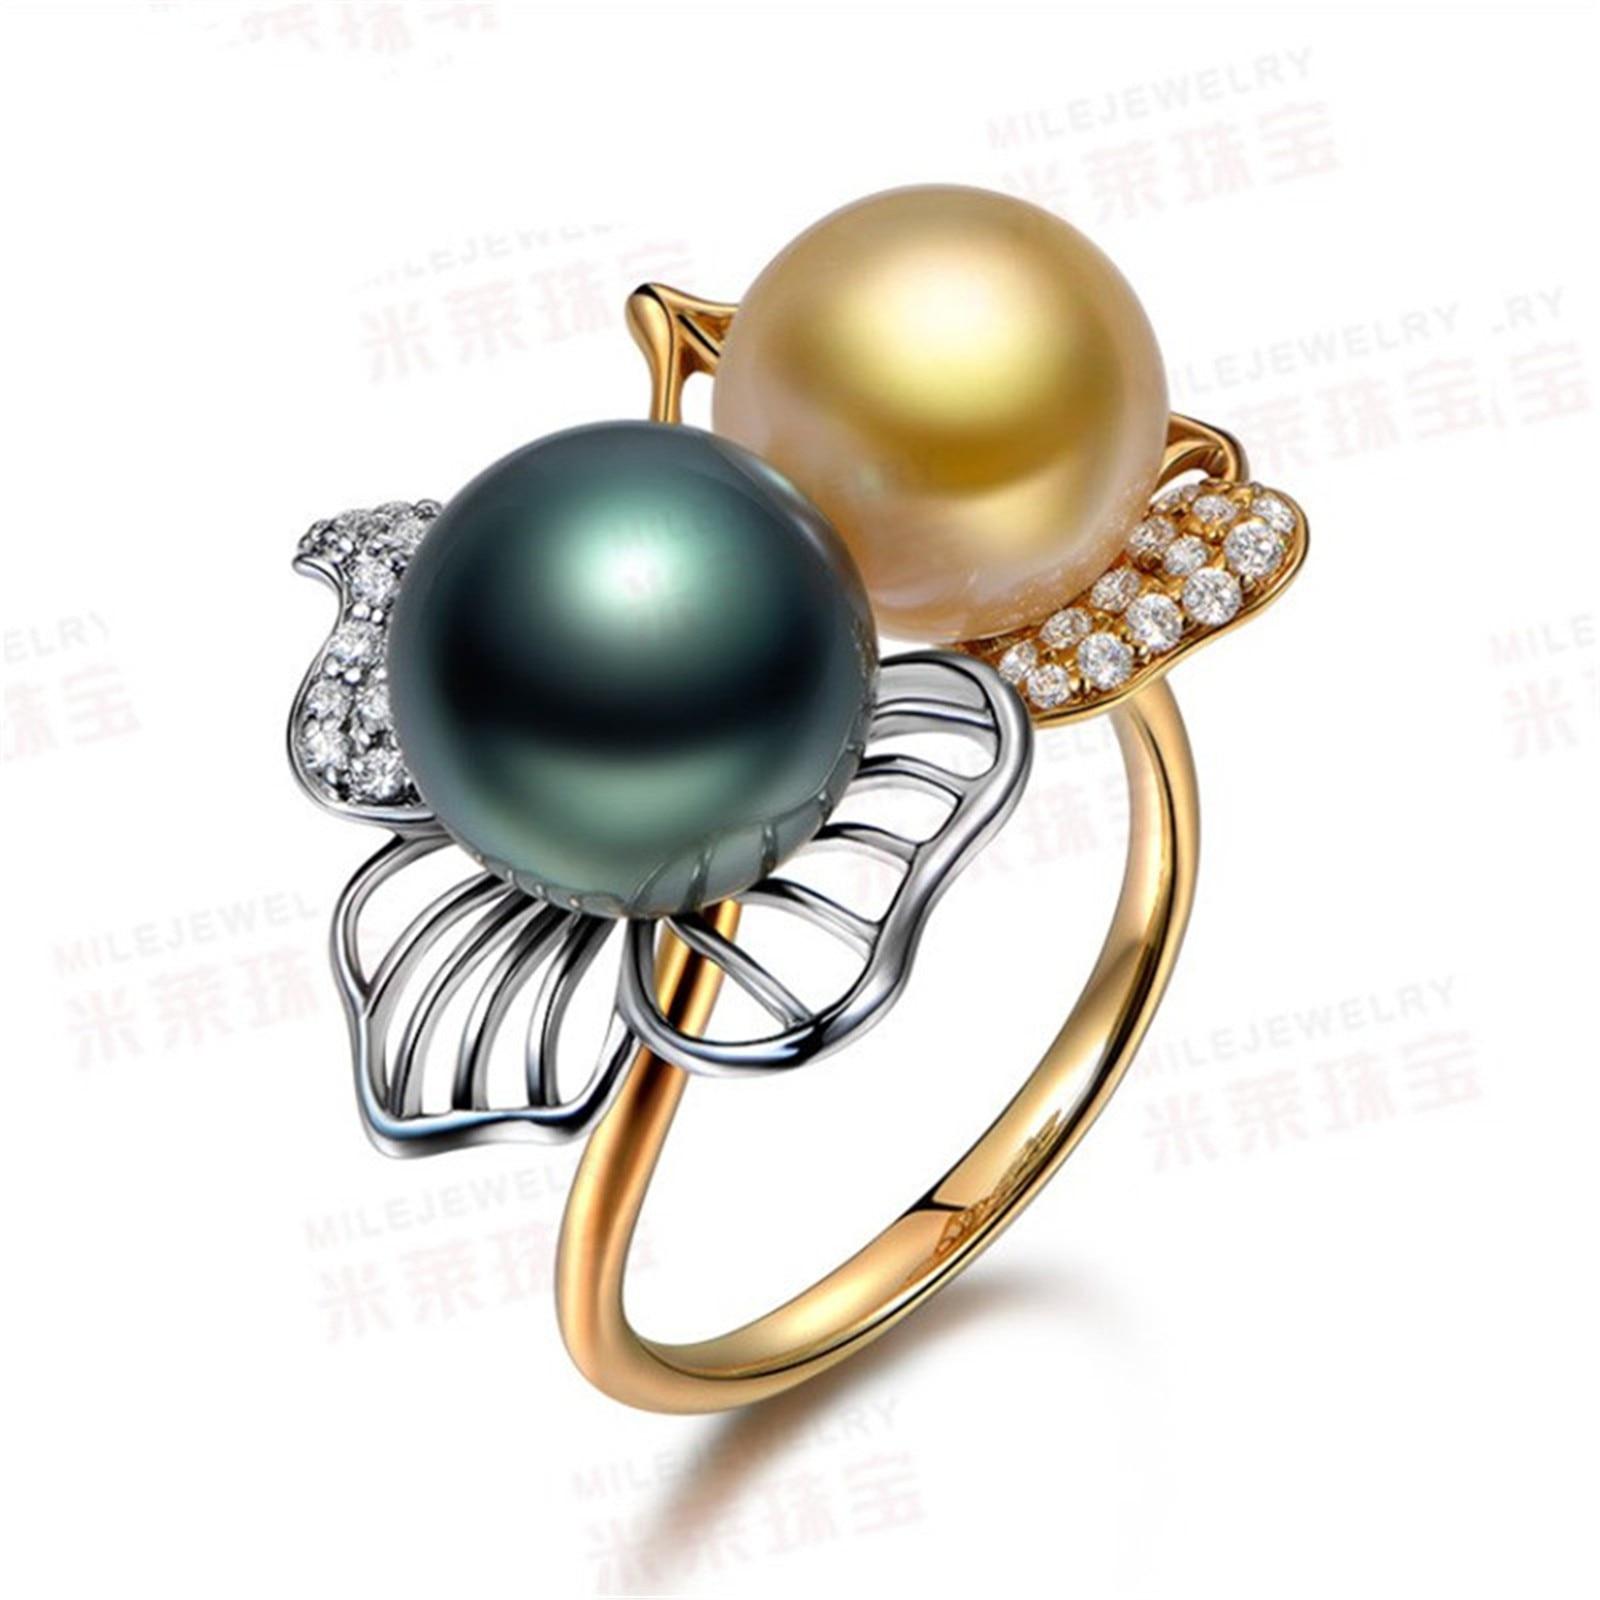 Joyería de moda novedosa 2018 tamaño 6/7/8/9 anillos fiesta boda Color amarillo dorado perla regalo R014